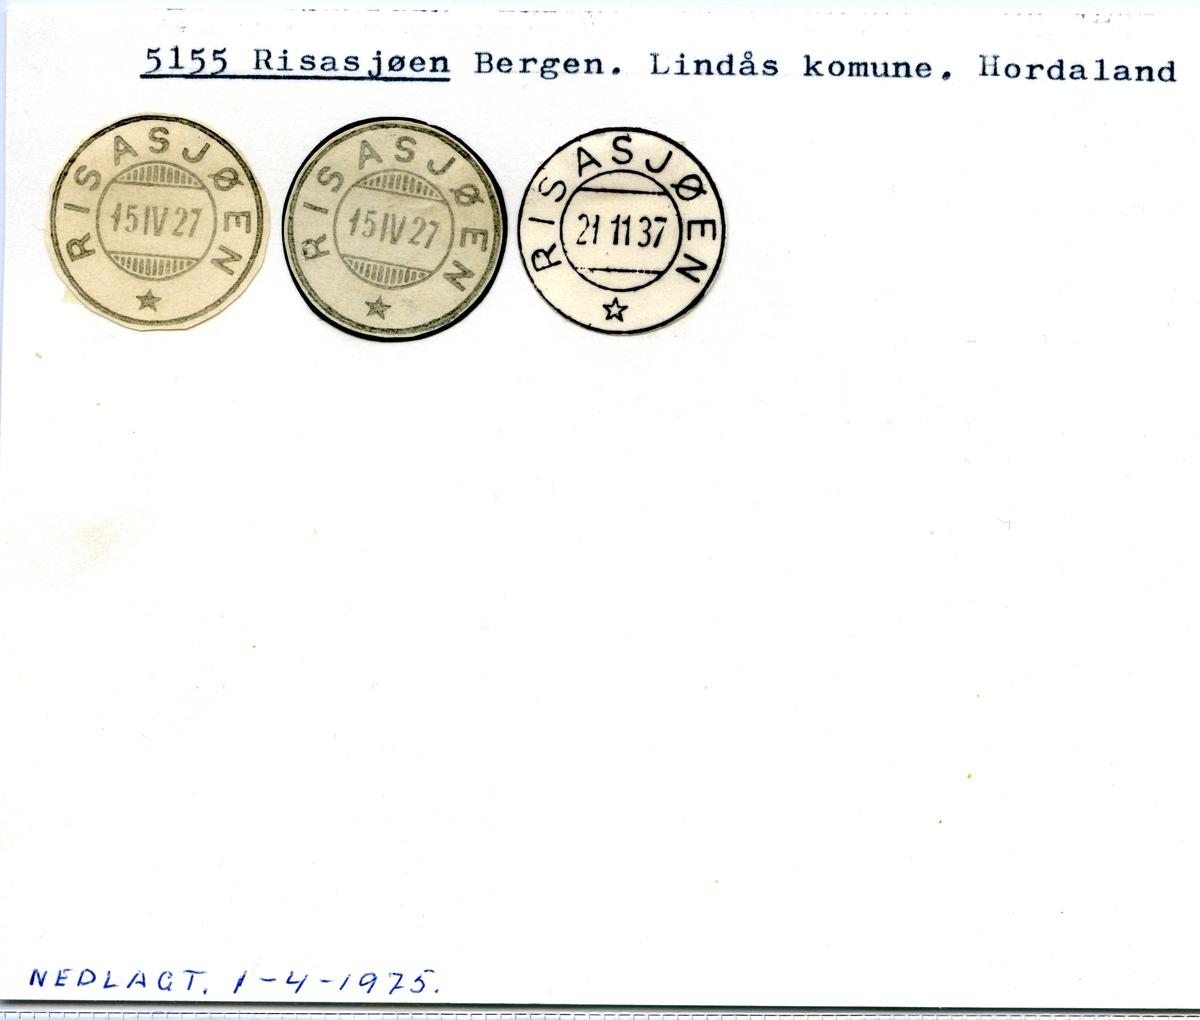 Stempelkatalog 5155 Risasjøen, Bergen, Lindås, Hordaland